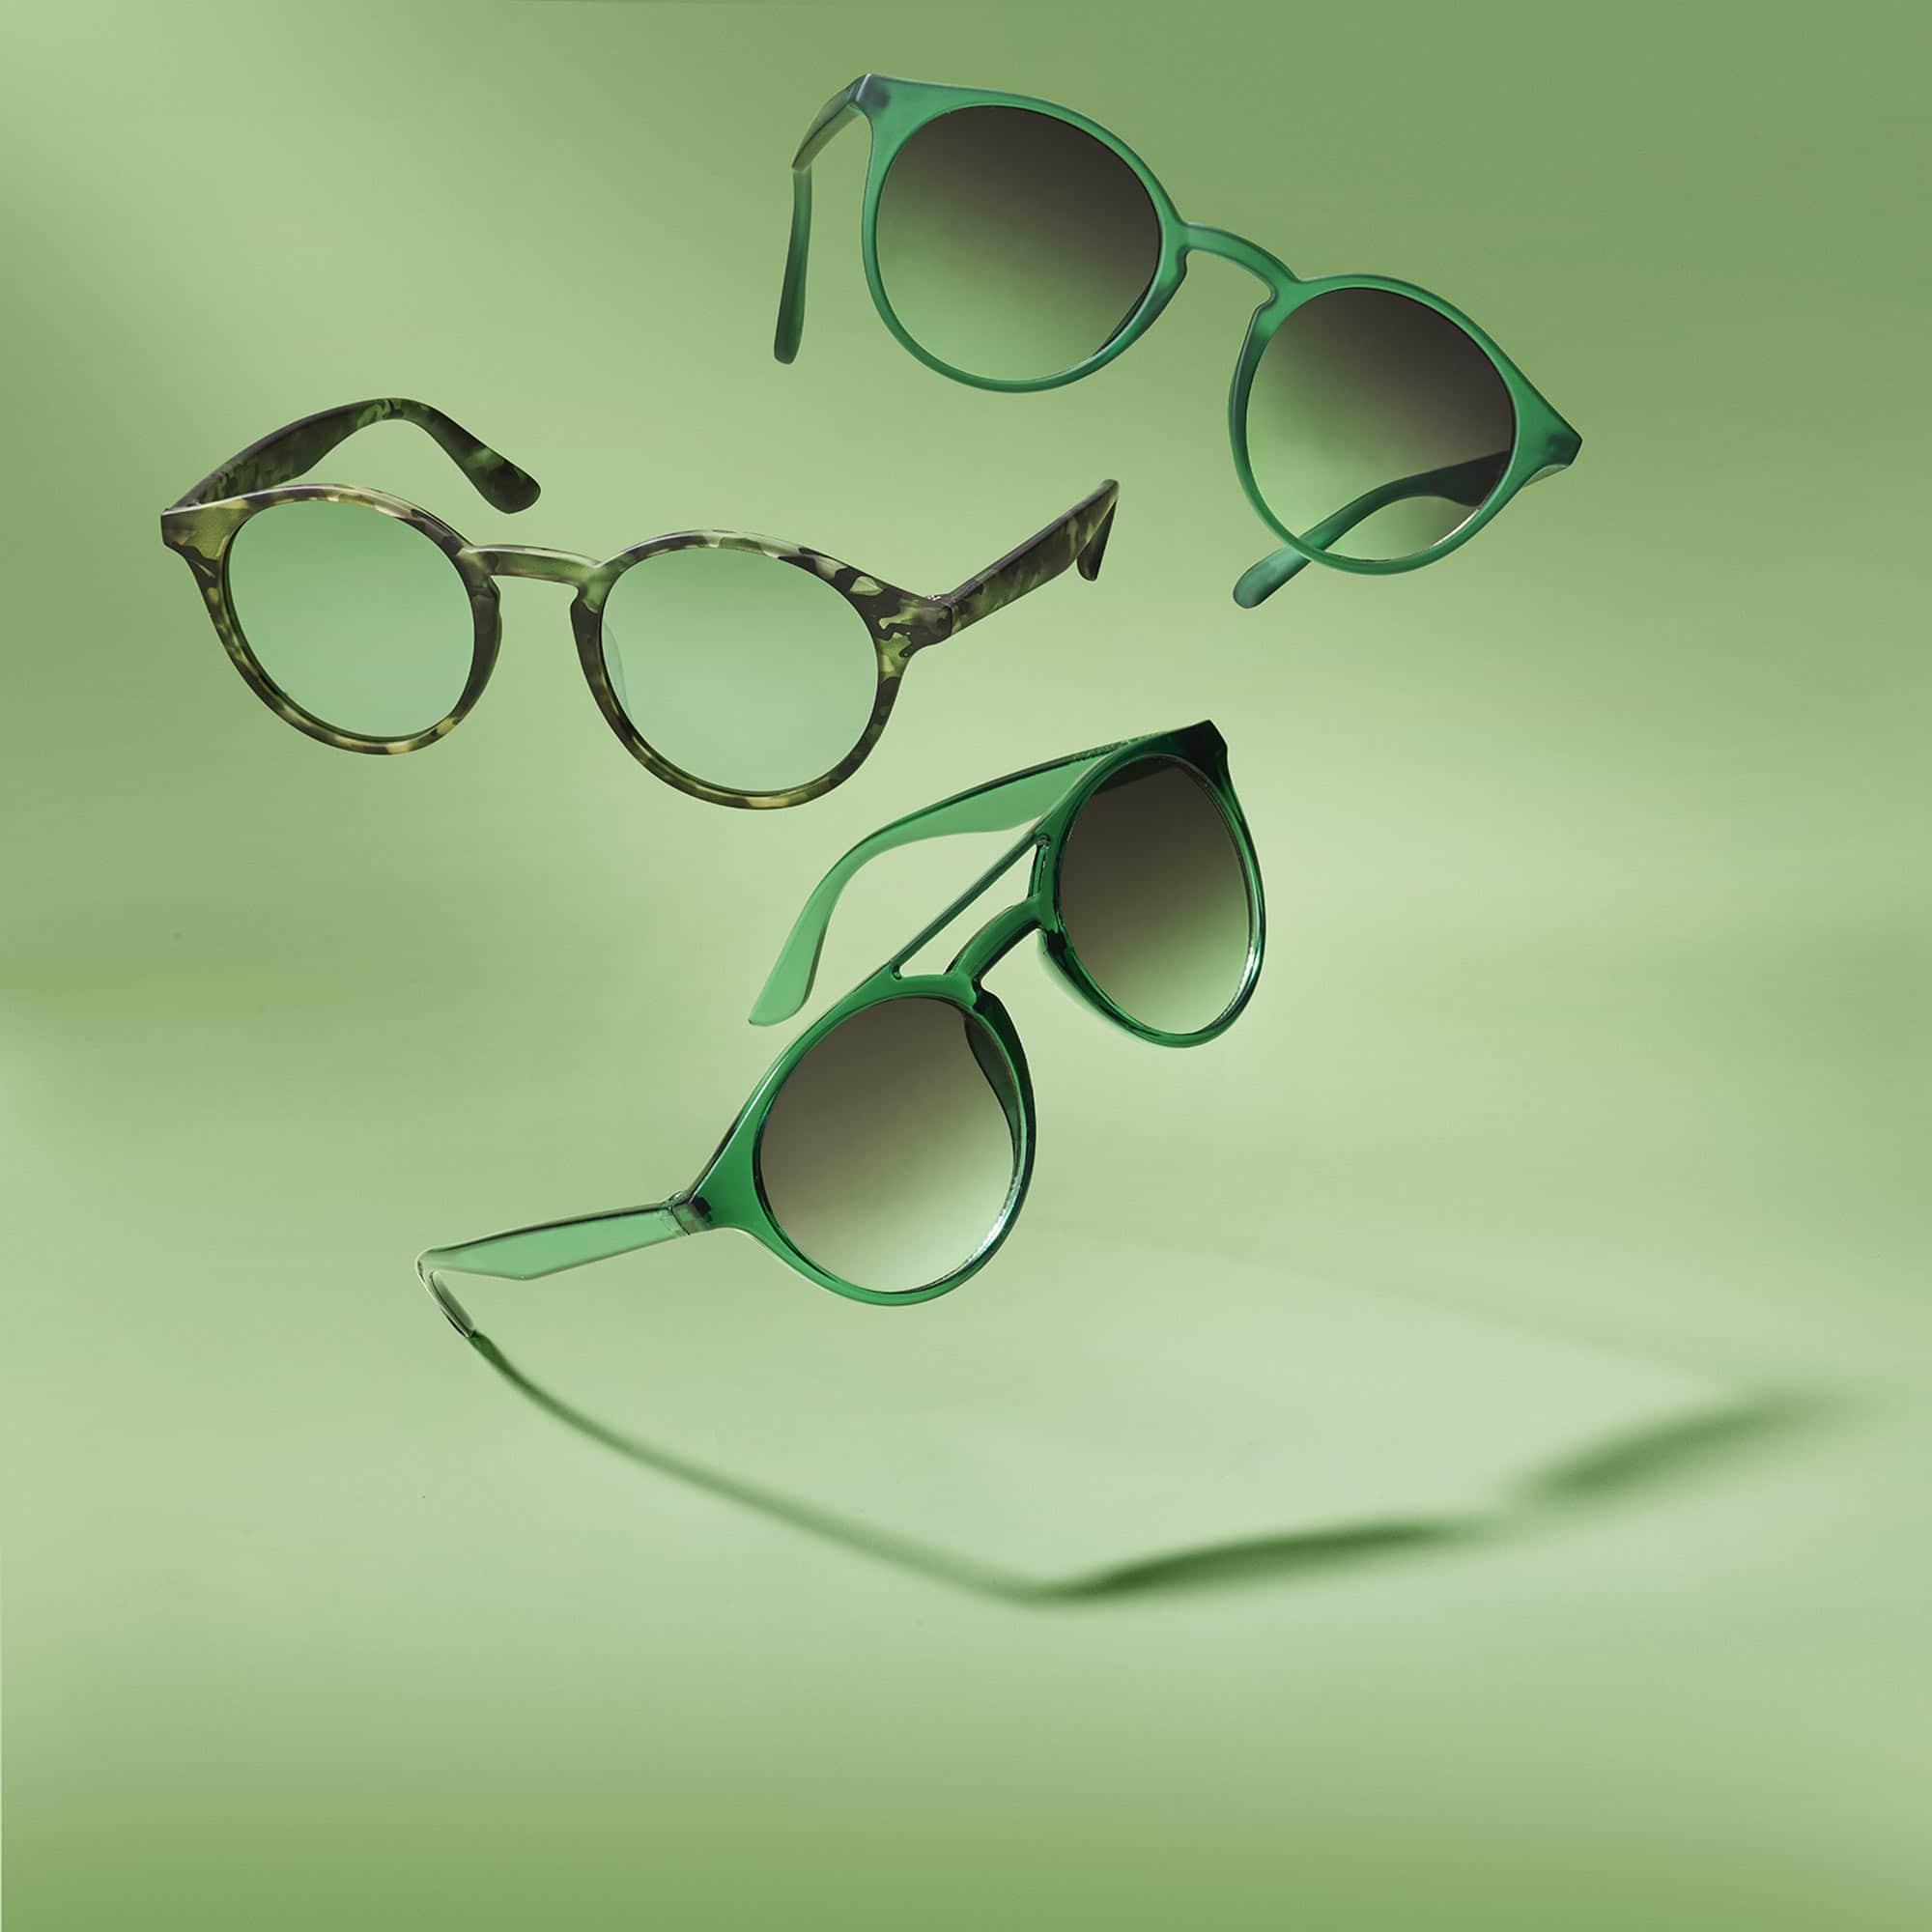 Green Sunglasses Still Life Shot for Corepla by Fotografando